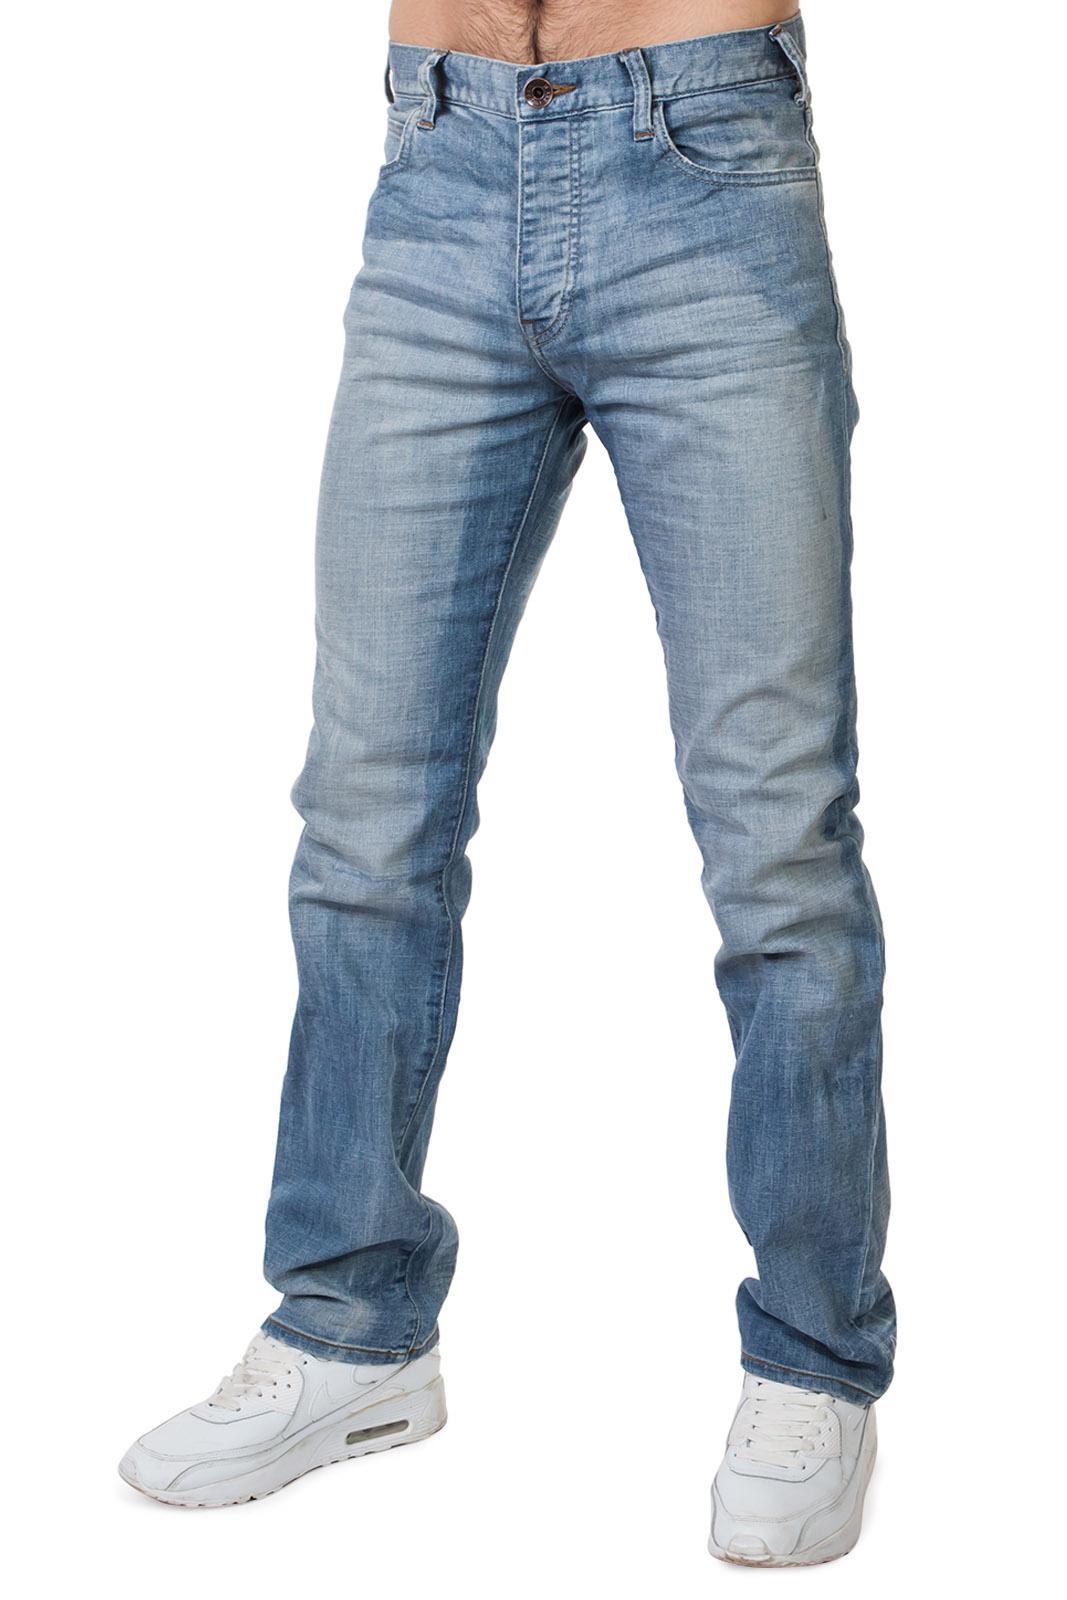 Распродажа фирменных мужских джинс – приятная стоимость на бренды!